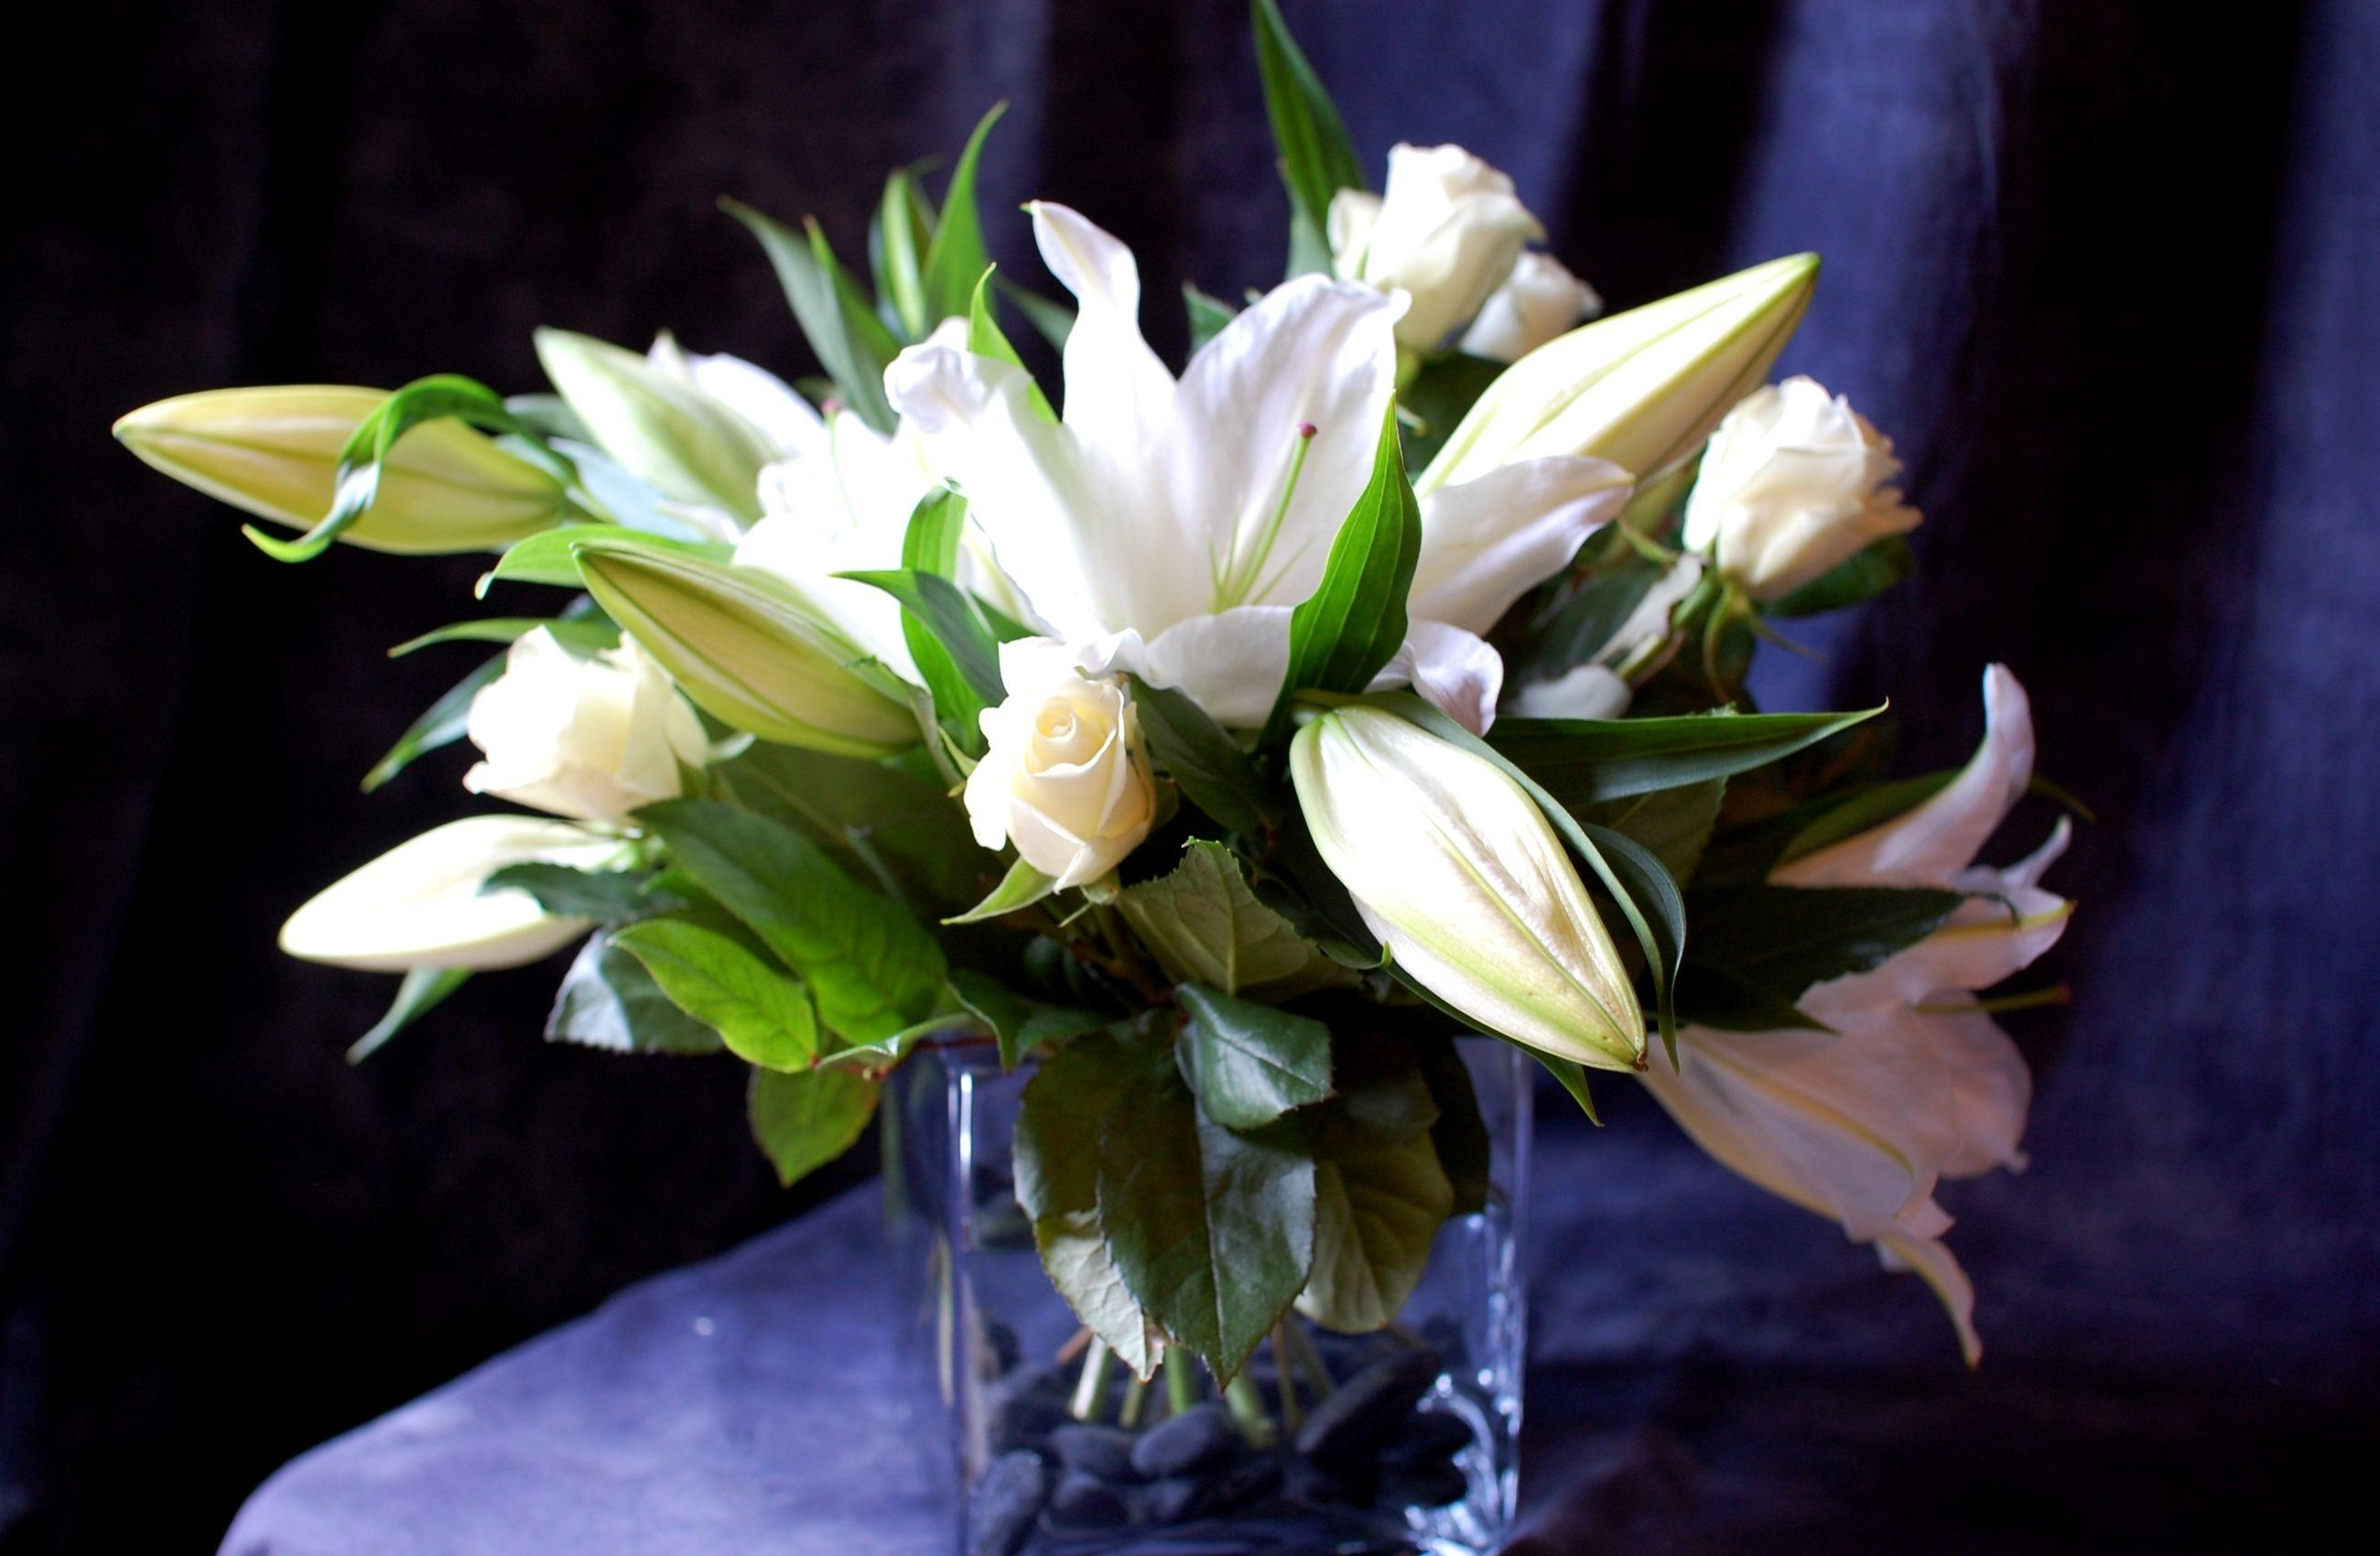 89259 скачать обои Цветы, Букет, Лилии, Ваза, Розы - заставки и картинки бесплатно